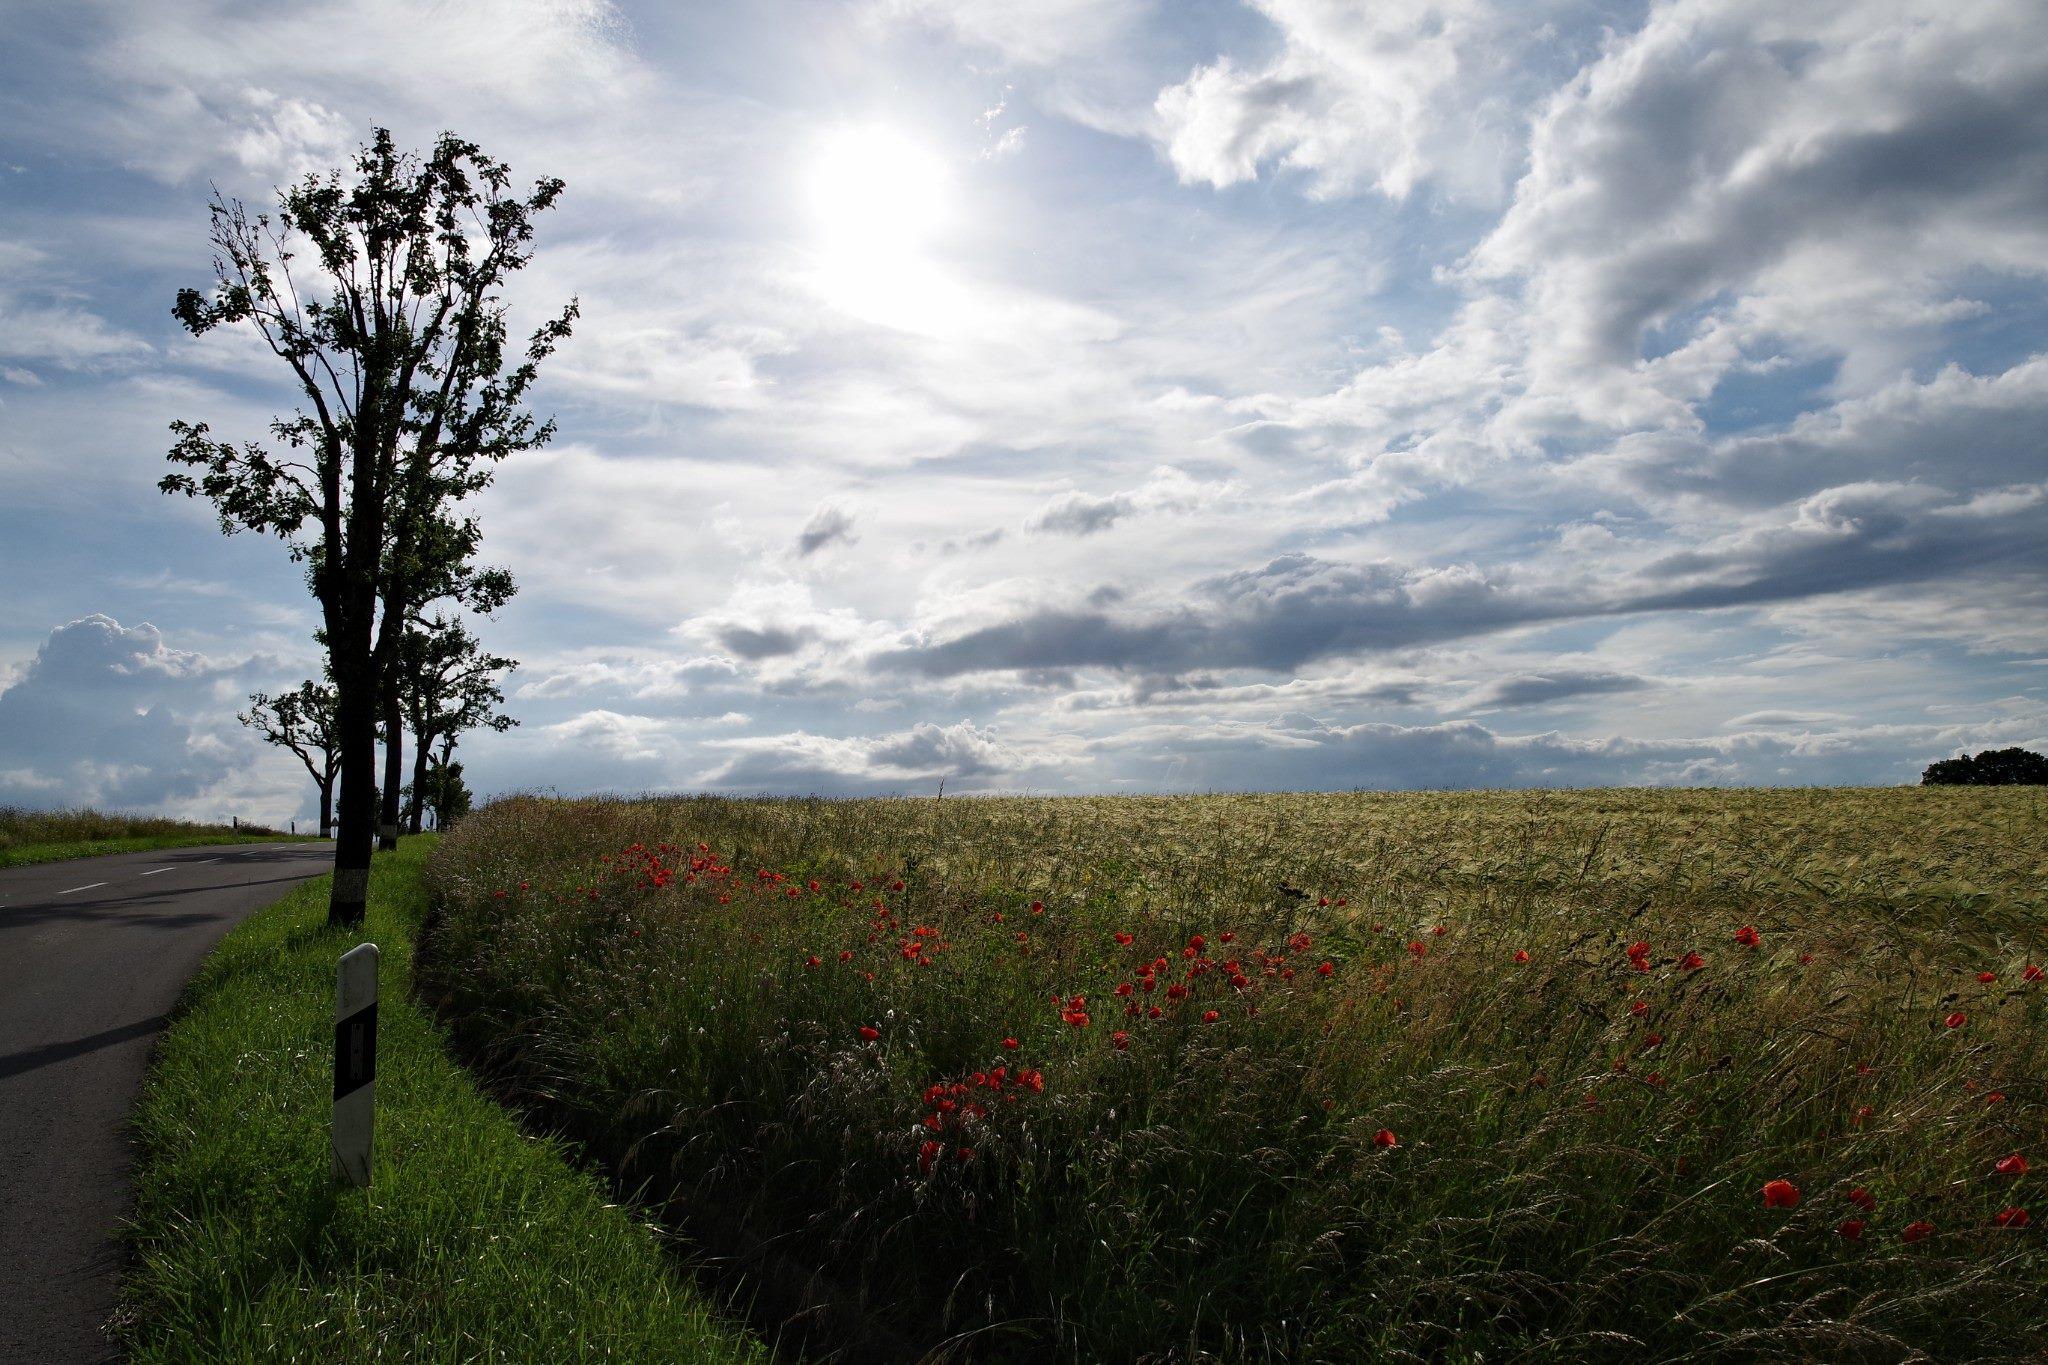 Benelux-Länder, 14.06.2016